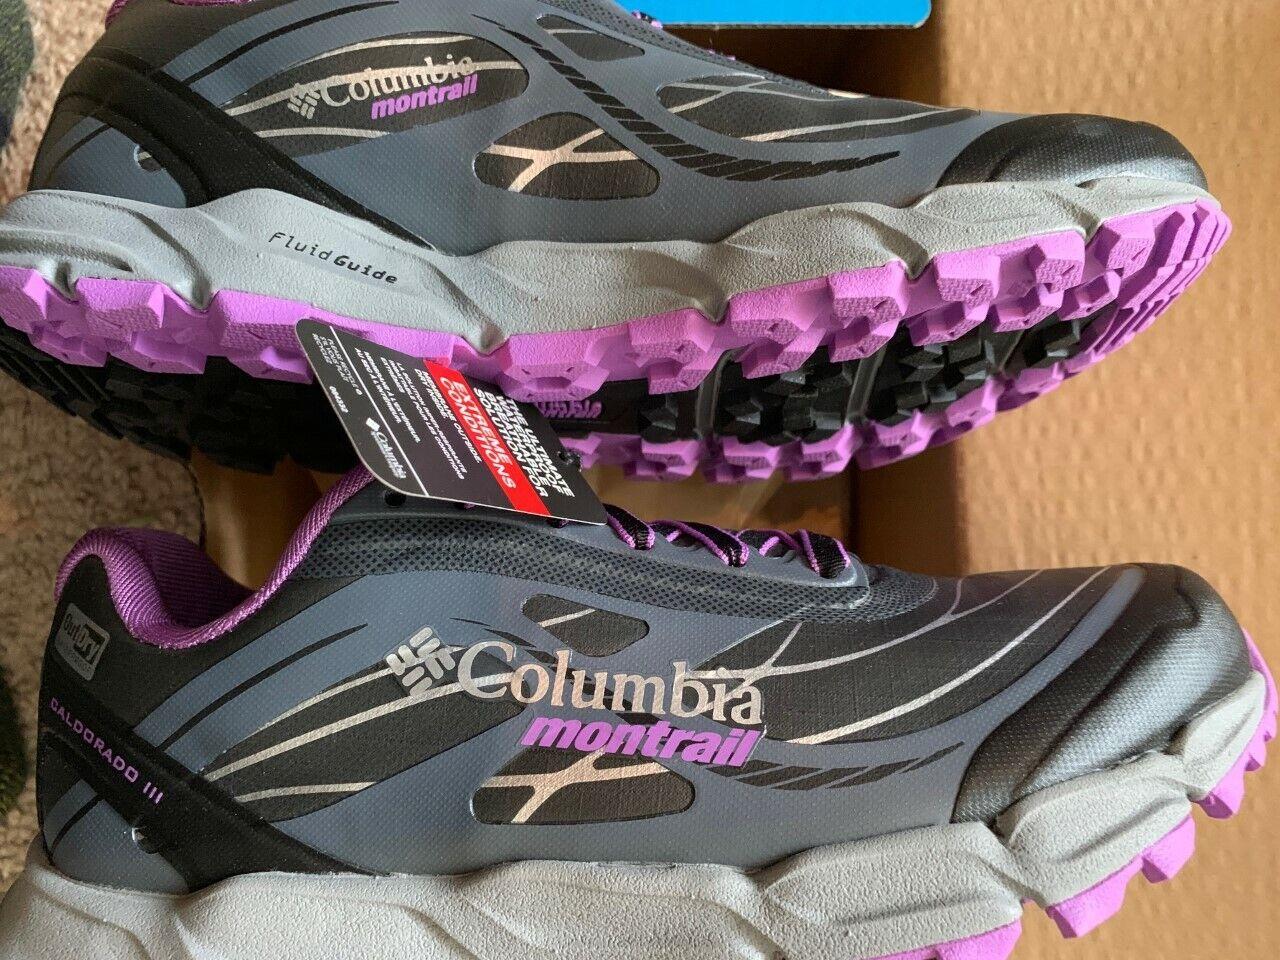 Columbia coldorado Montrail Mujer Trail  Corriendo zapatos o entrenador-tamaño 5  autorización